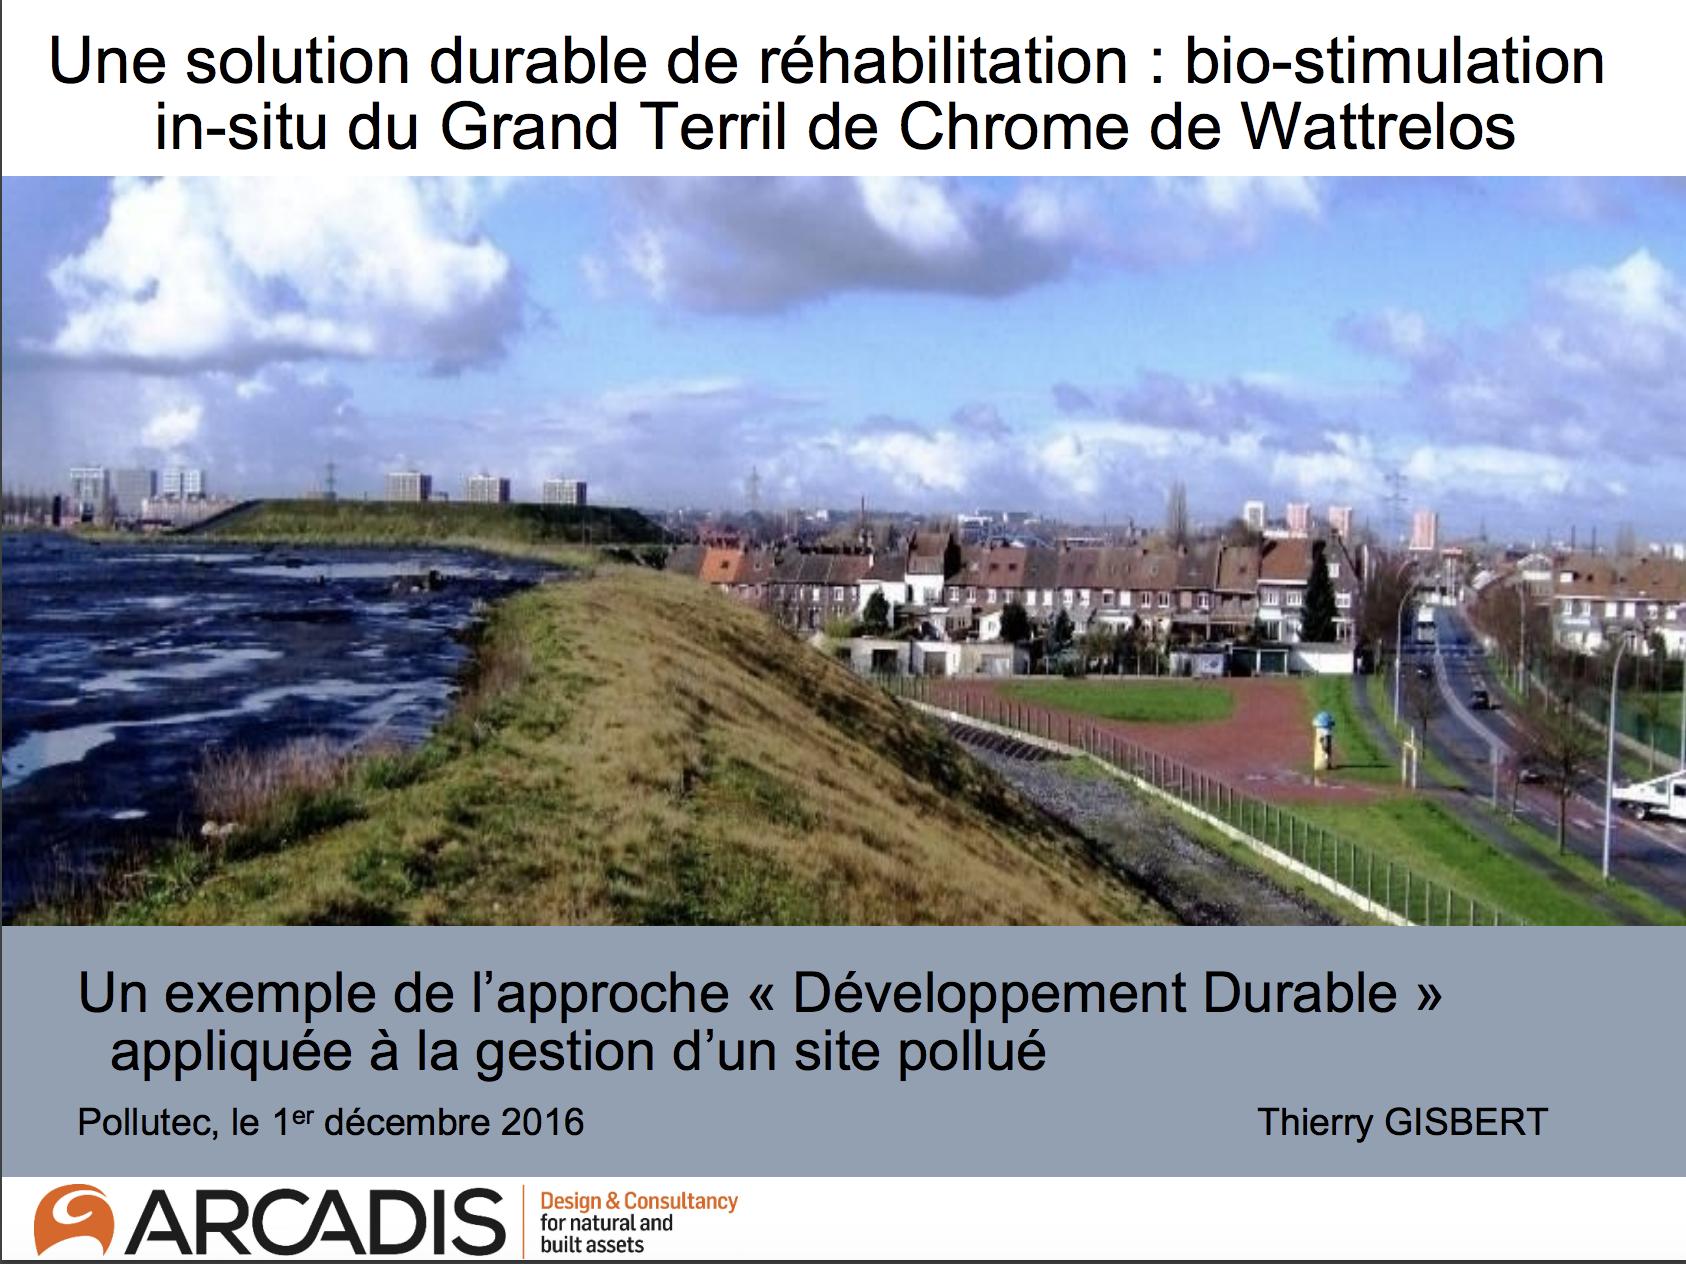 Réhabilitation durable du grand terril de chrome de Wattrelos par la technique de la bio-précipitation in situ- ARCADIS - ARCADIS - 2016